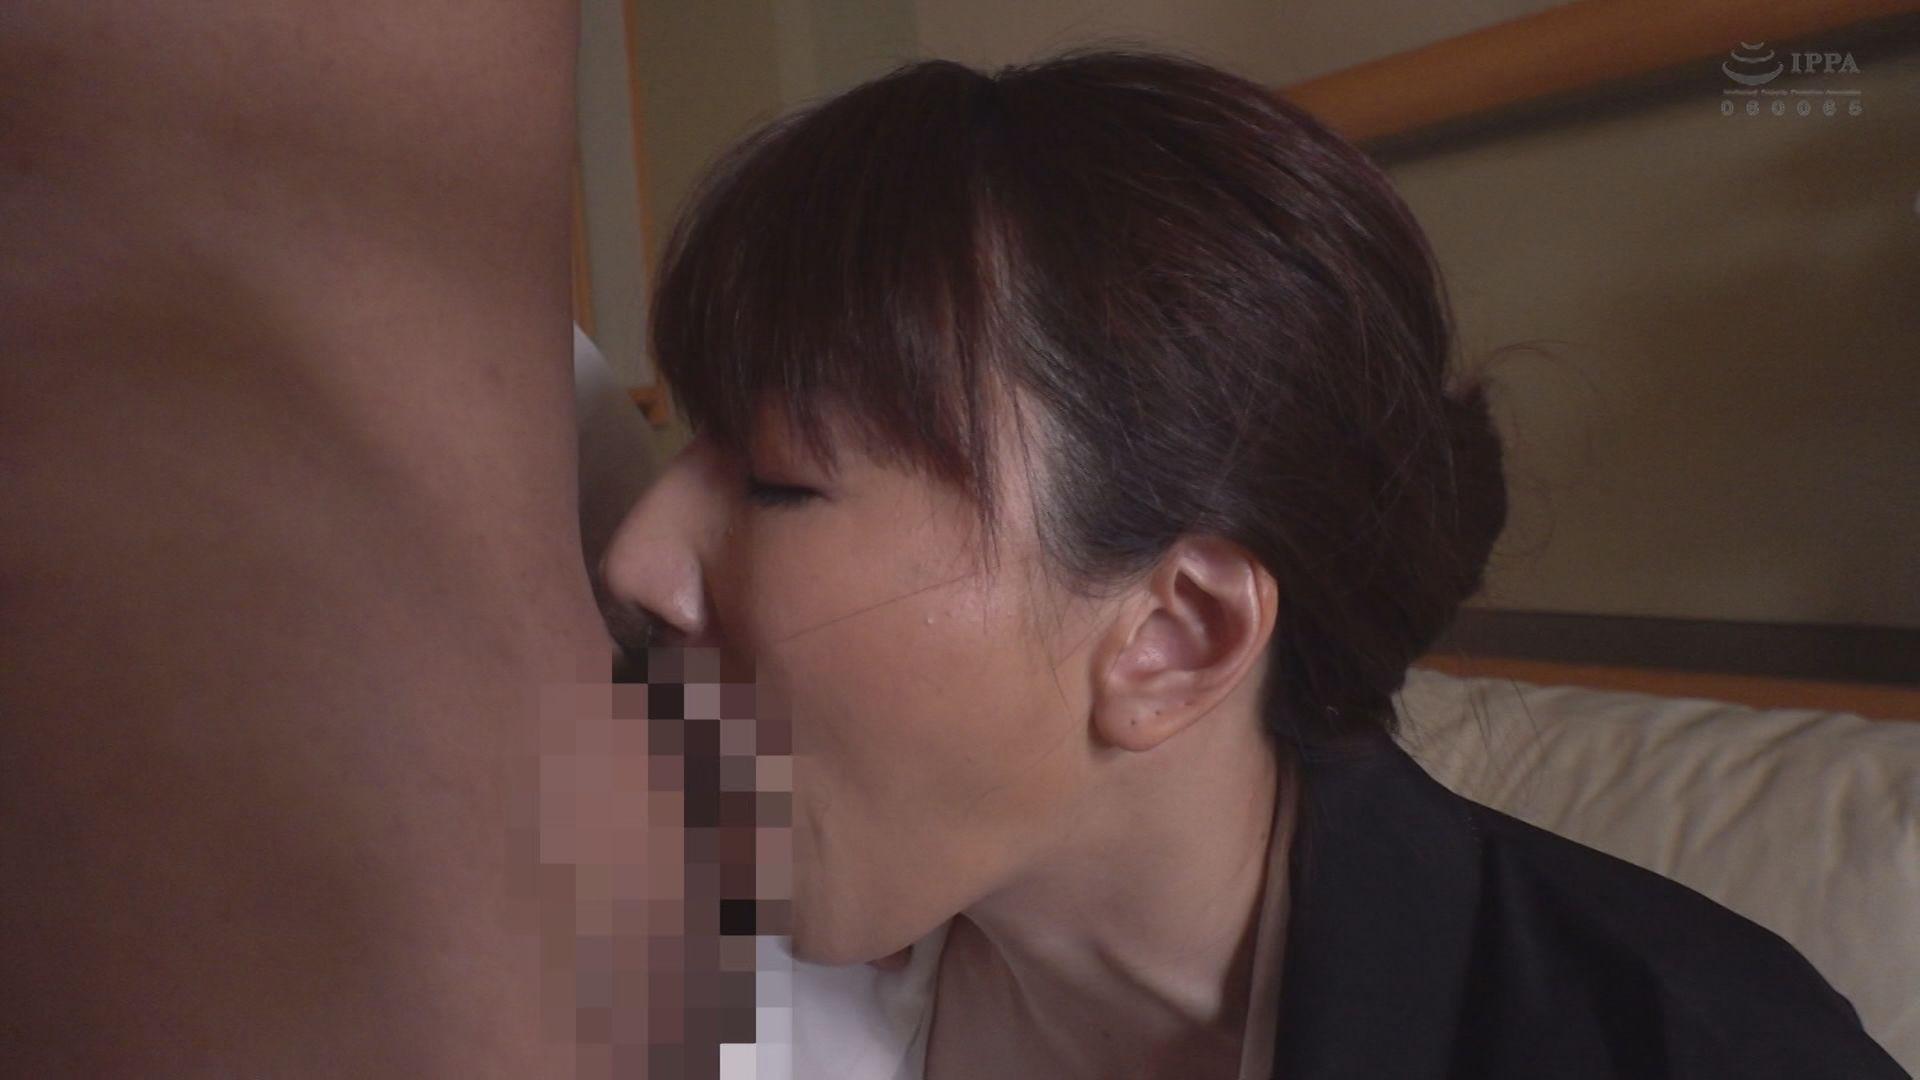 「私、お義父さんの女になりたいです・・・。」不謹慎なことを想像していたら本当の現実になってしまった未亡人の恋 加藤あやの 画像7